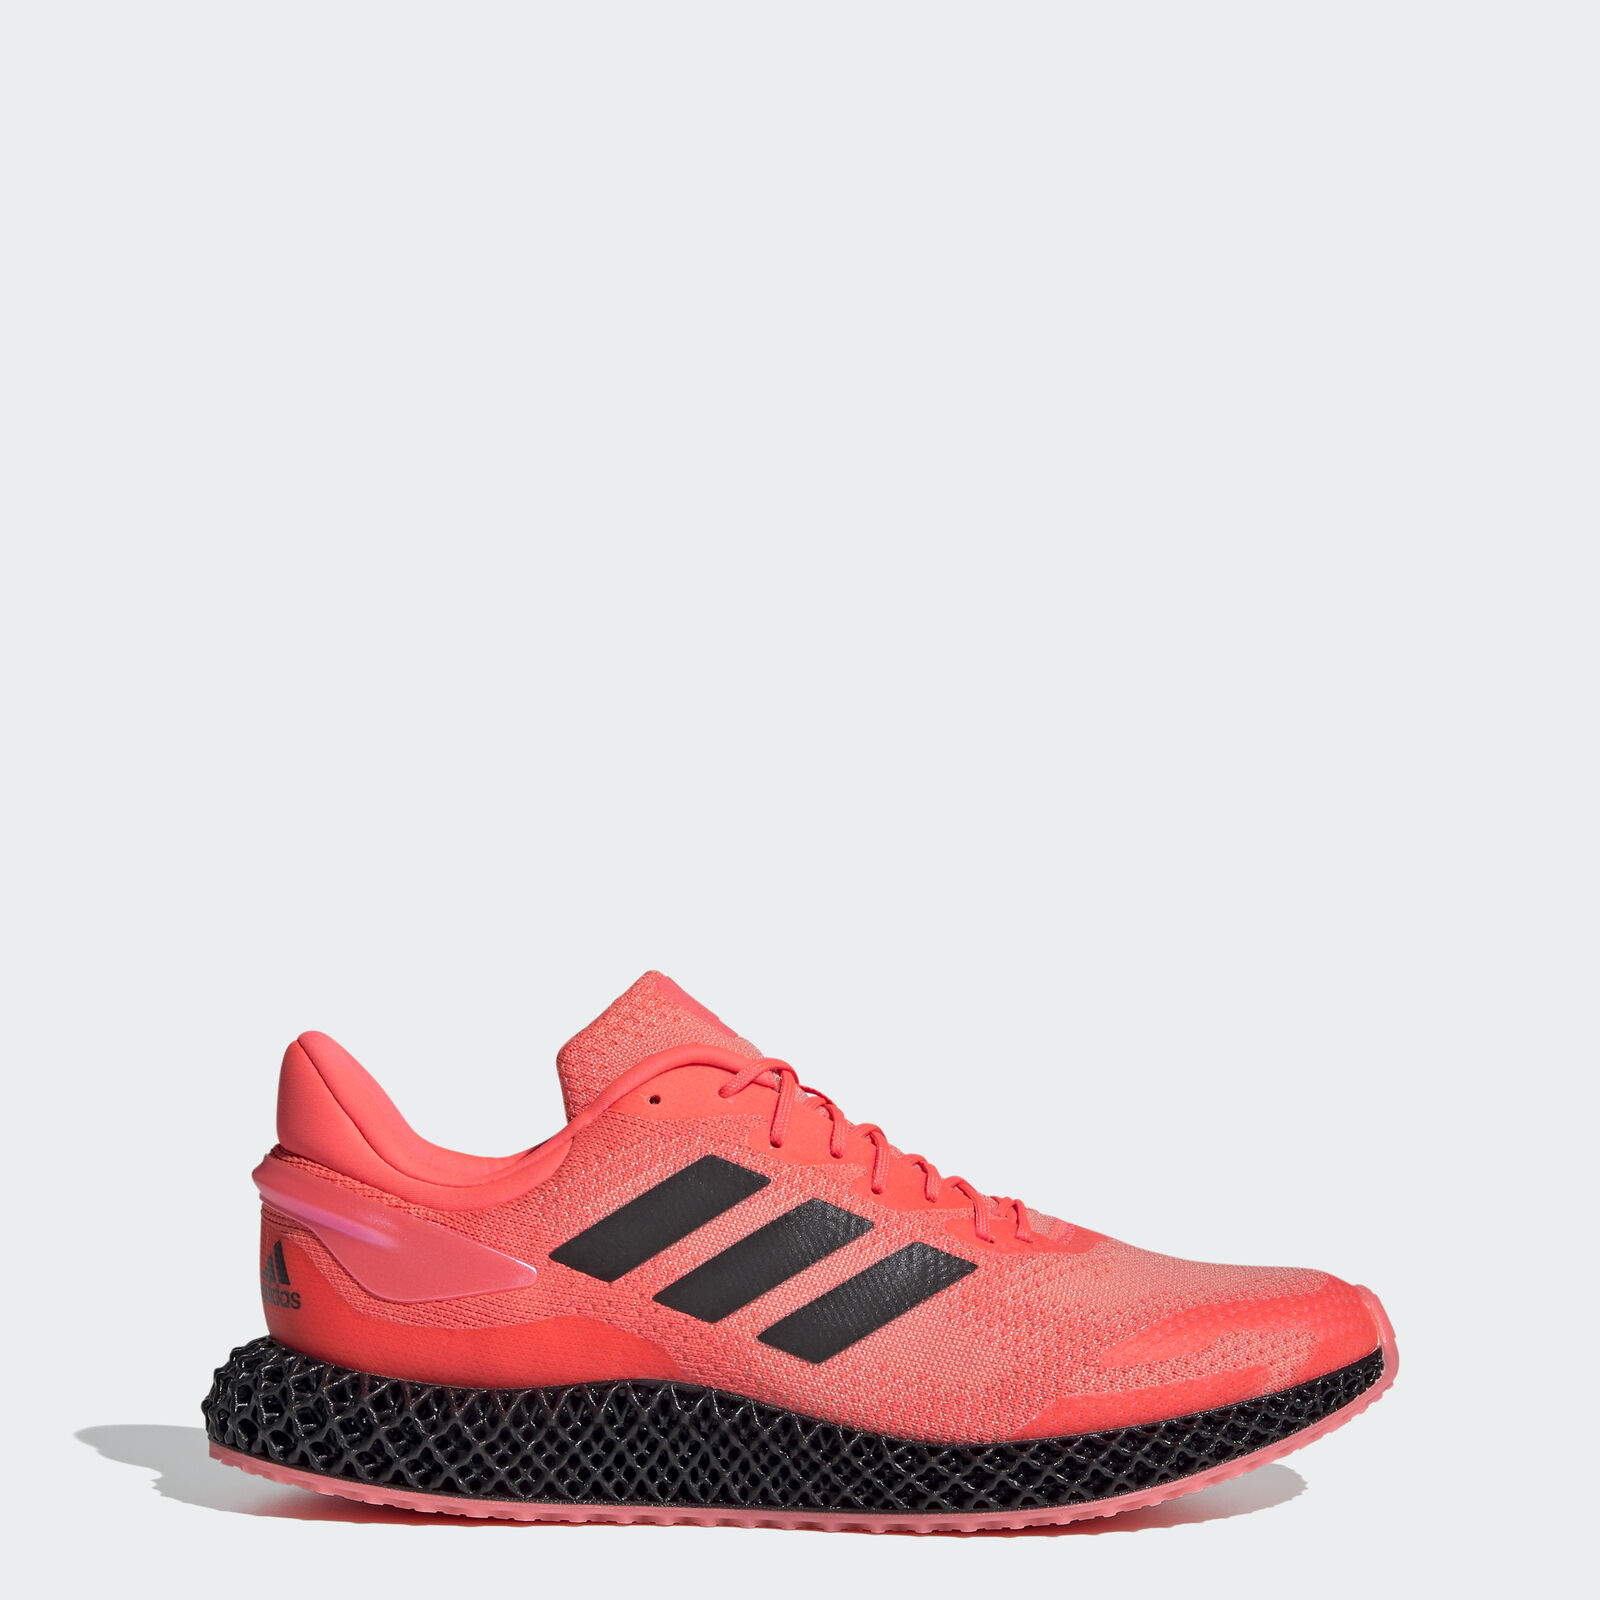 Bild zu Unisex Laufschuh Adidas Performance 4D Run 1.0 für 99,98€ (Vergleich: 119,90€)